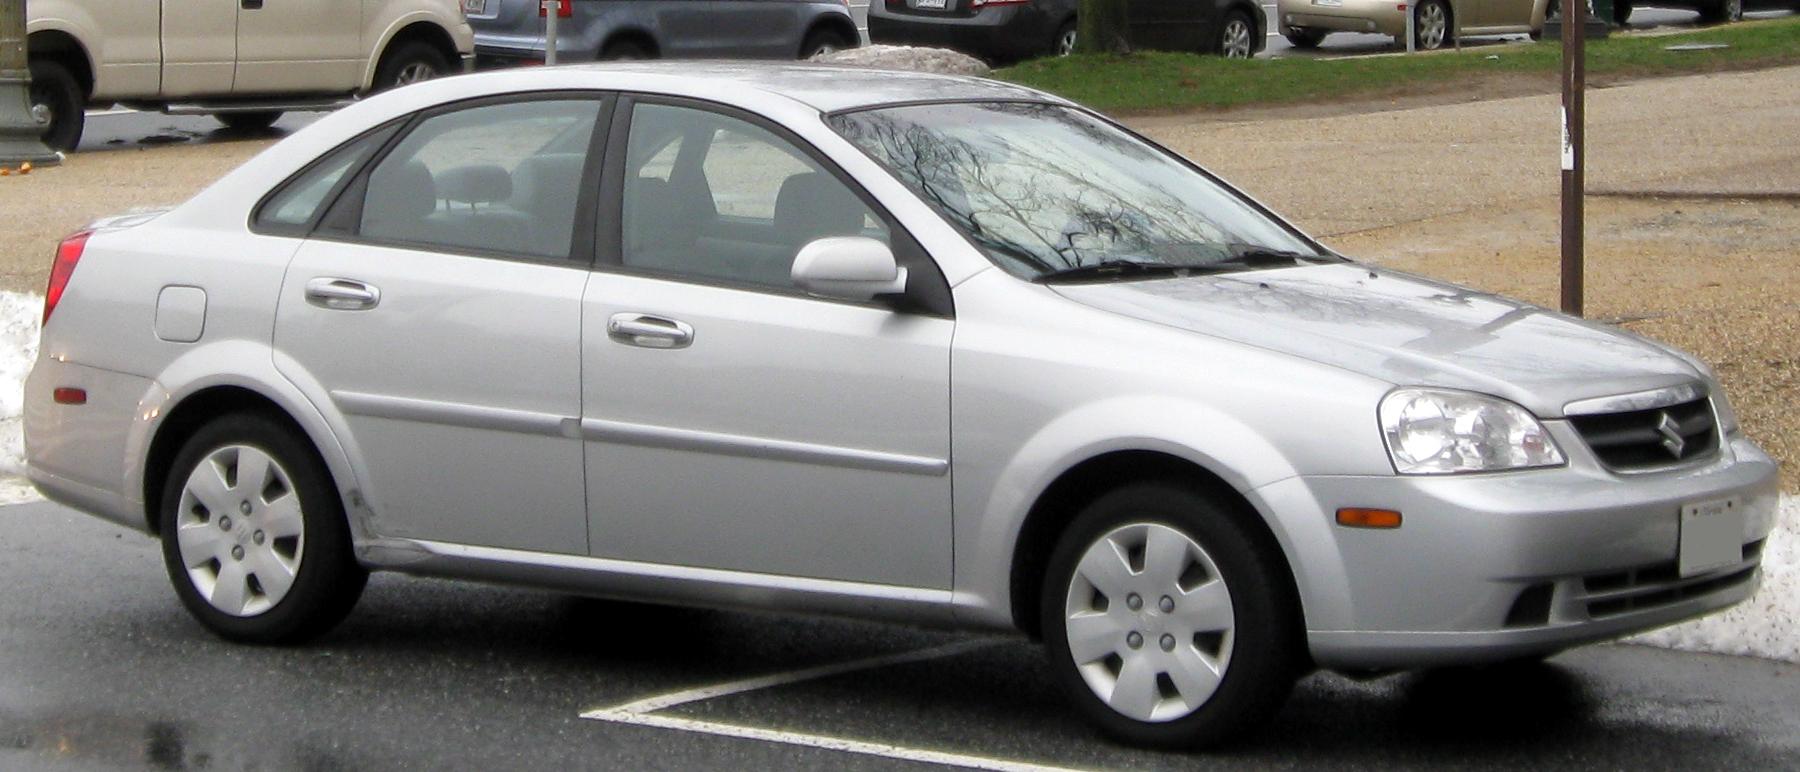 2008 Suzuki Forenza Information